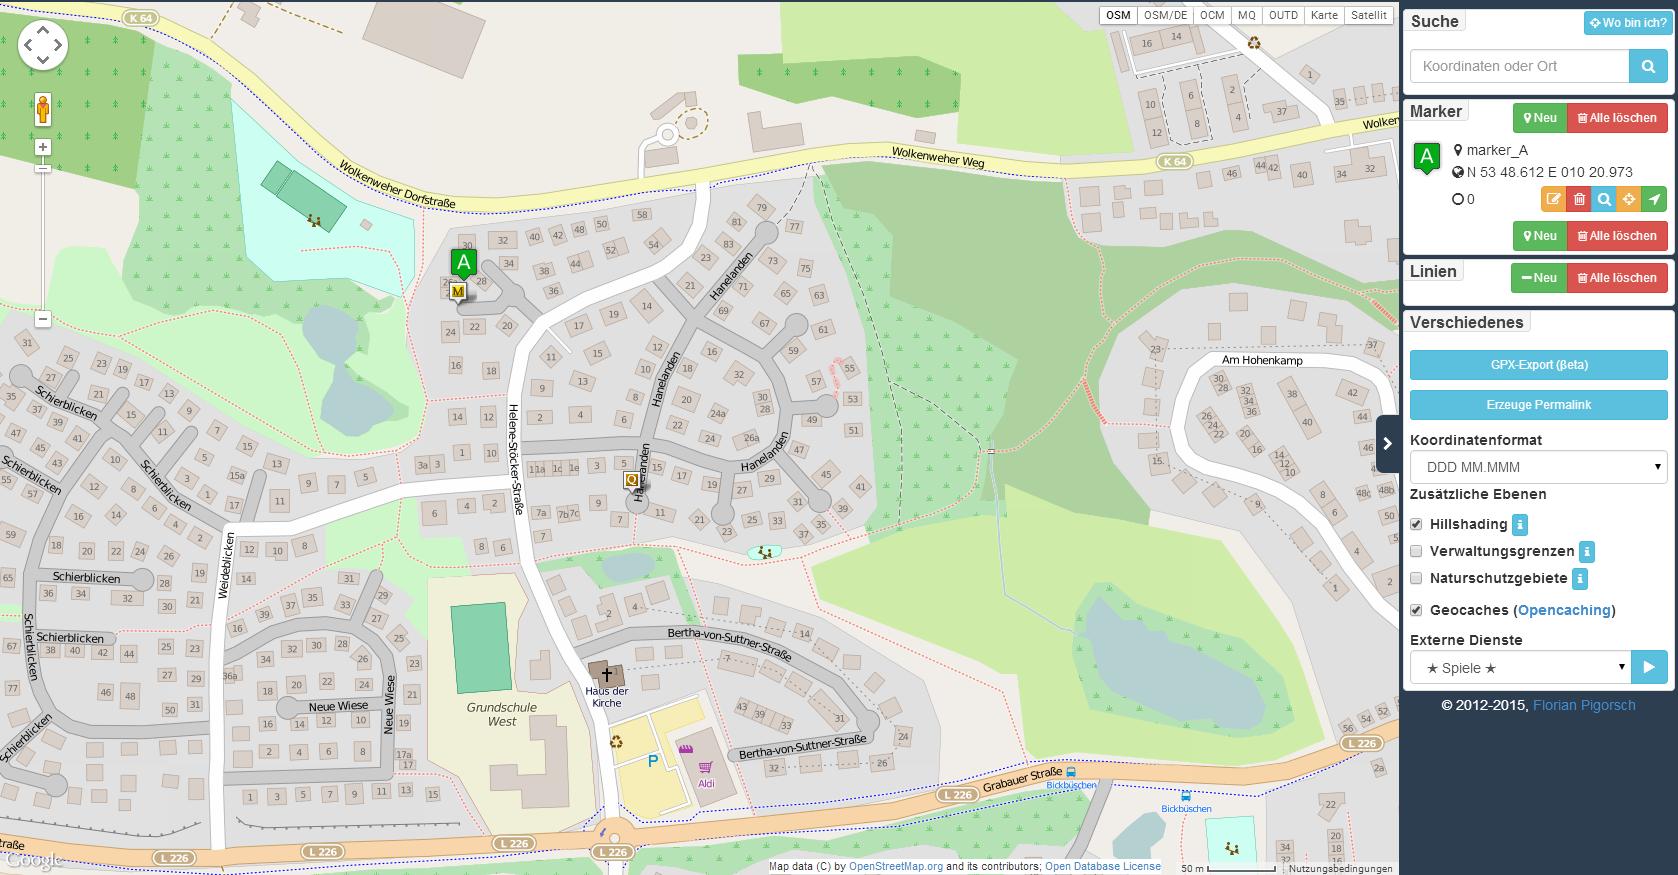 Karte Anzeigen.Koordinaten Direkt In Karte Anzeigen Lassen Perfektes